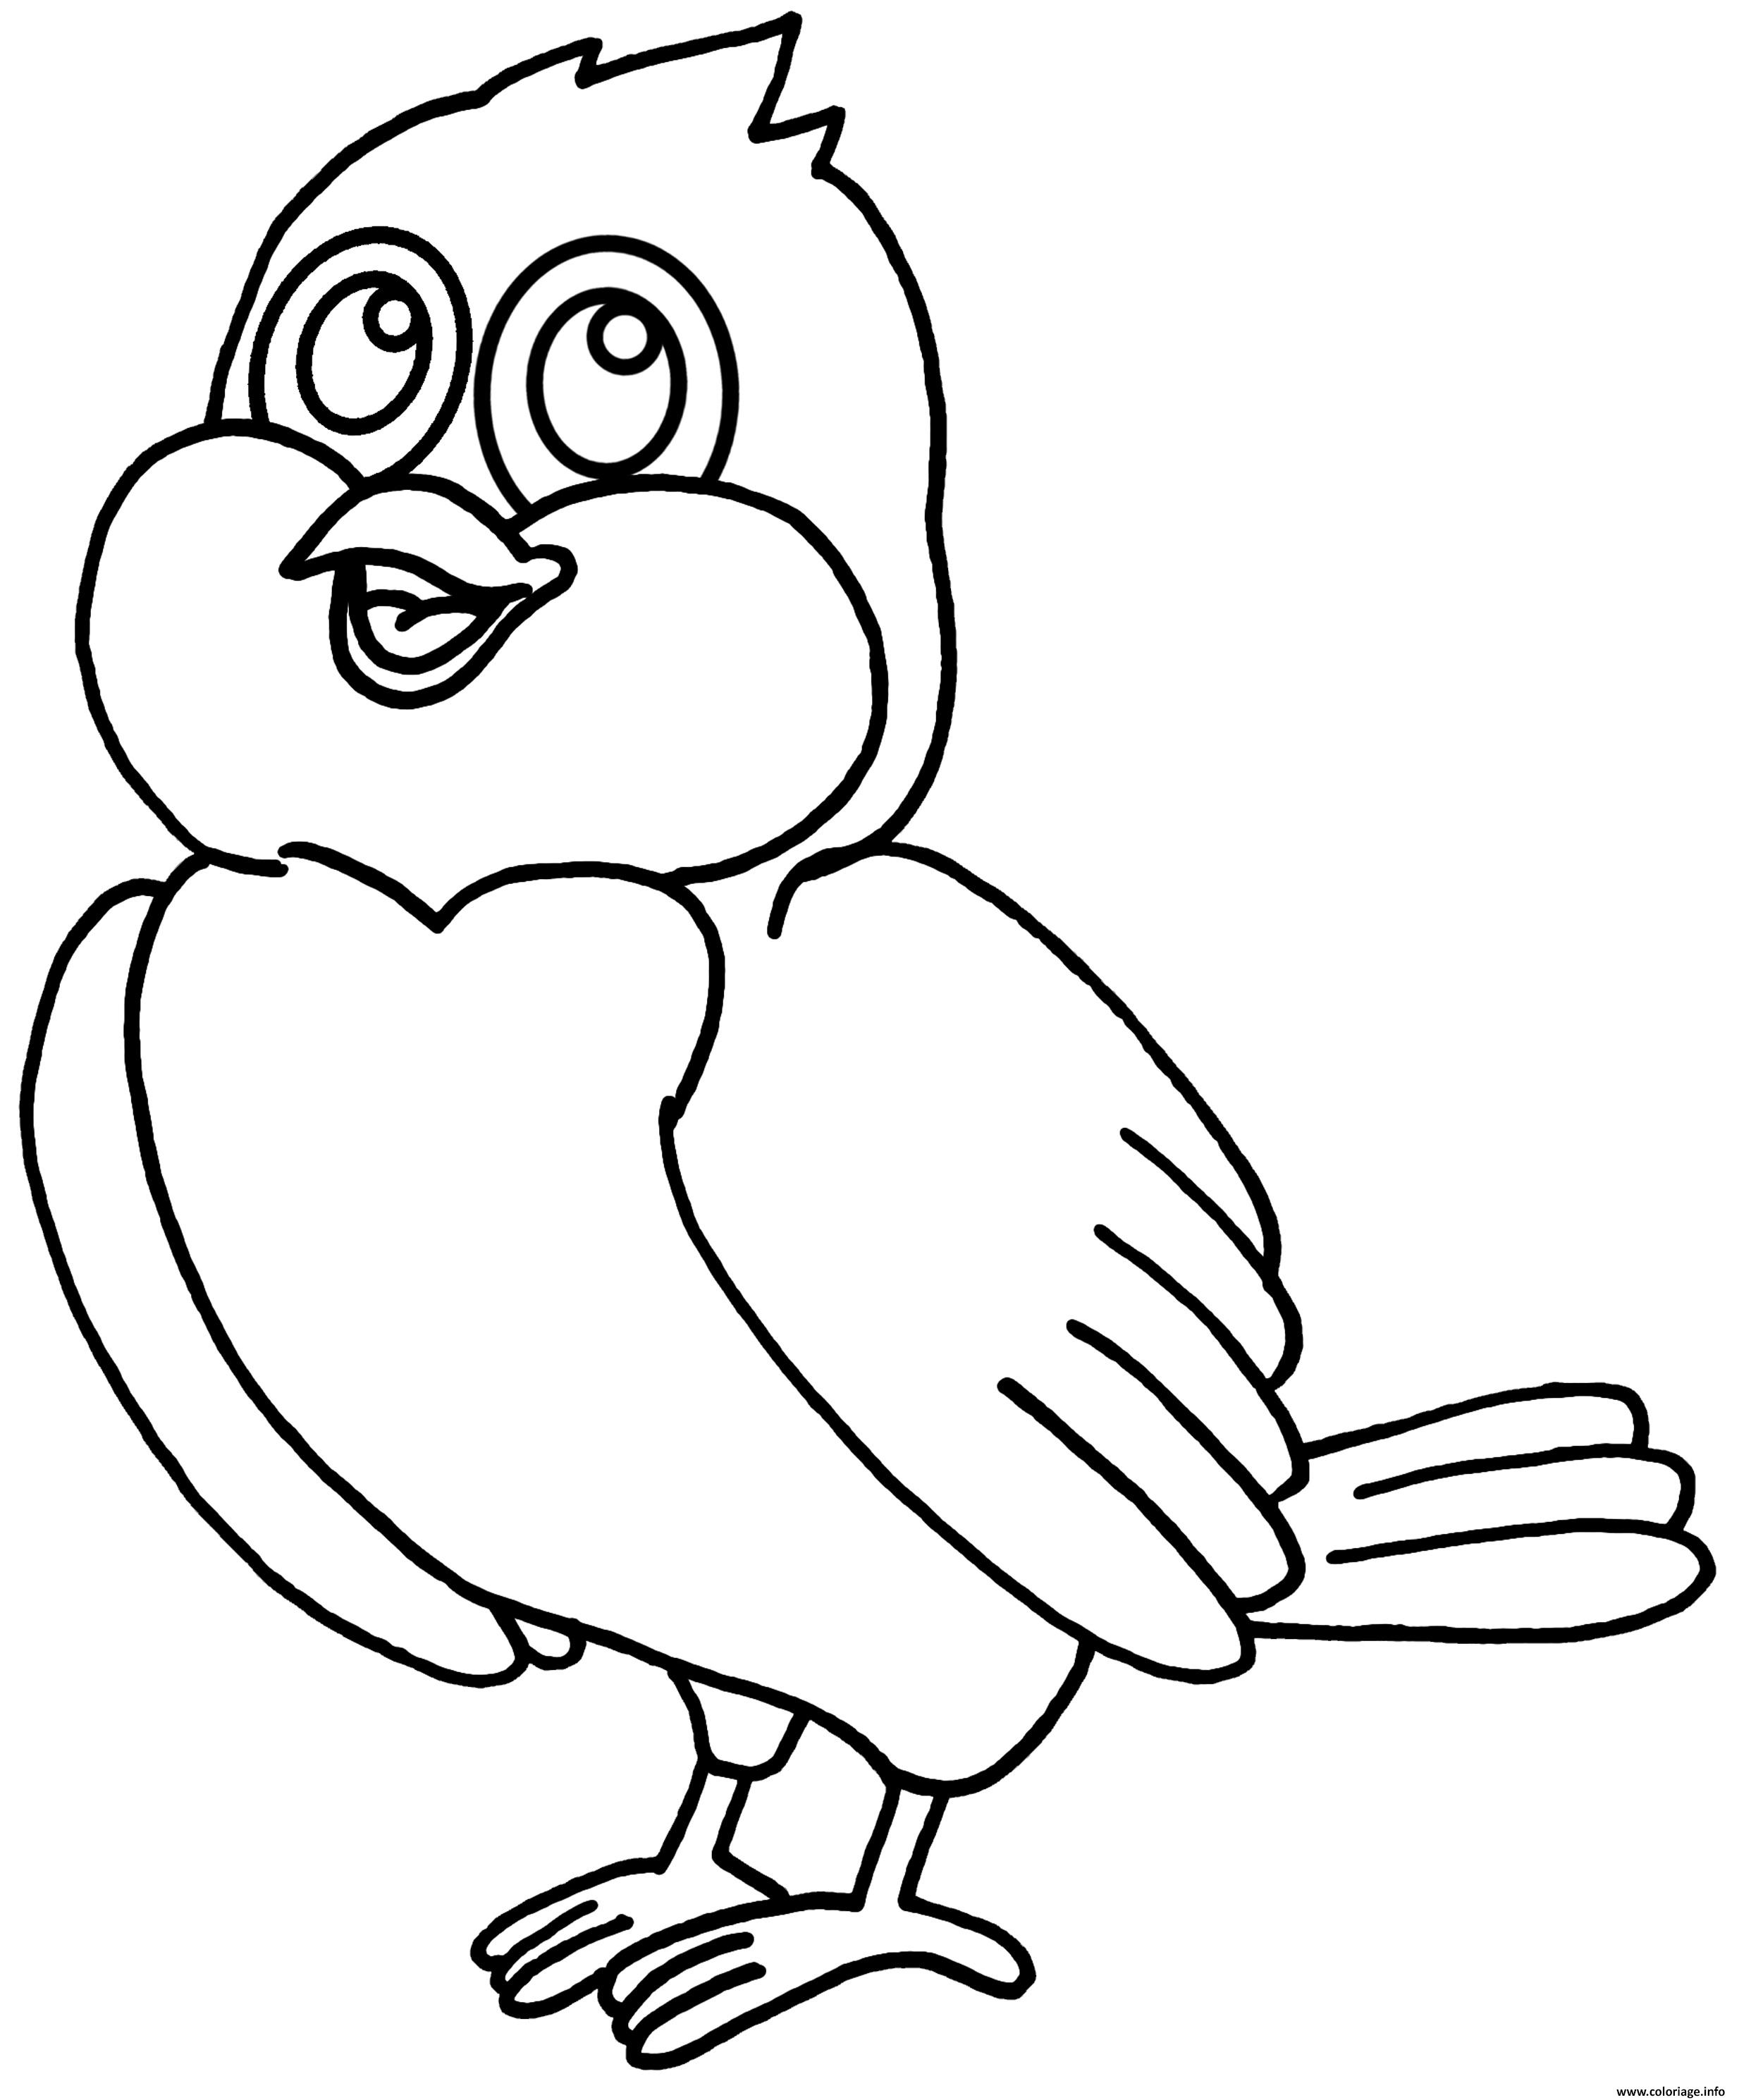 Dessin petit oiseau maternelle Coloriage Gratuit à Imprimer